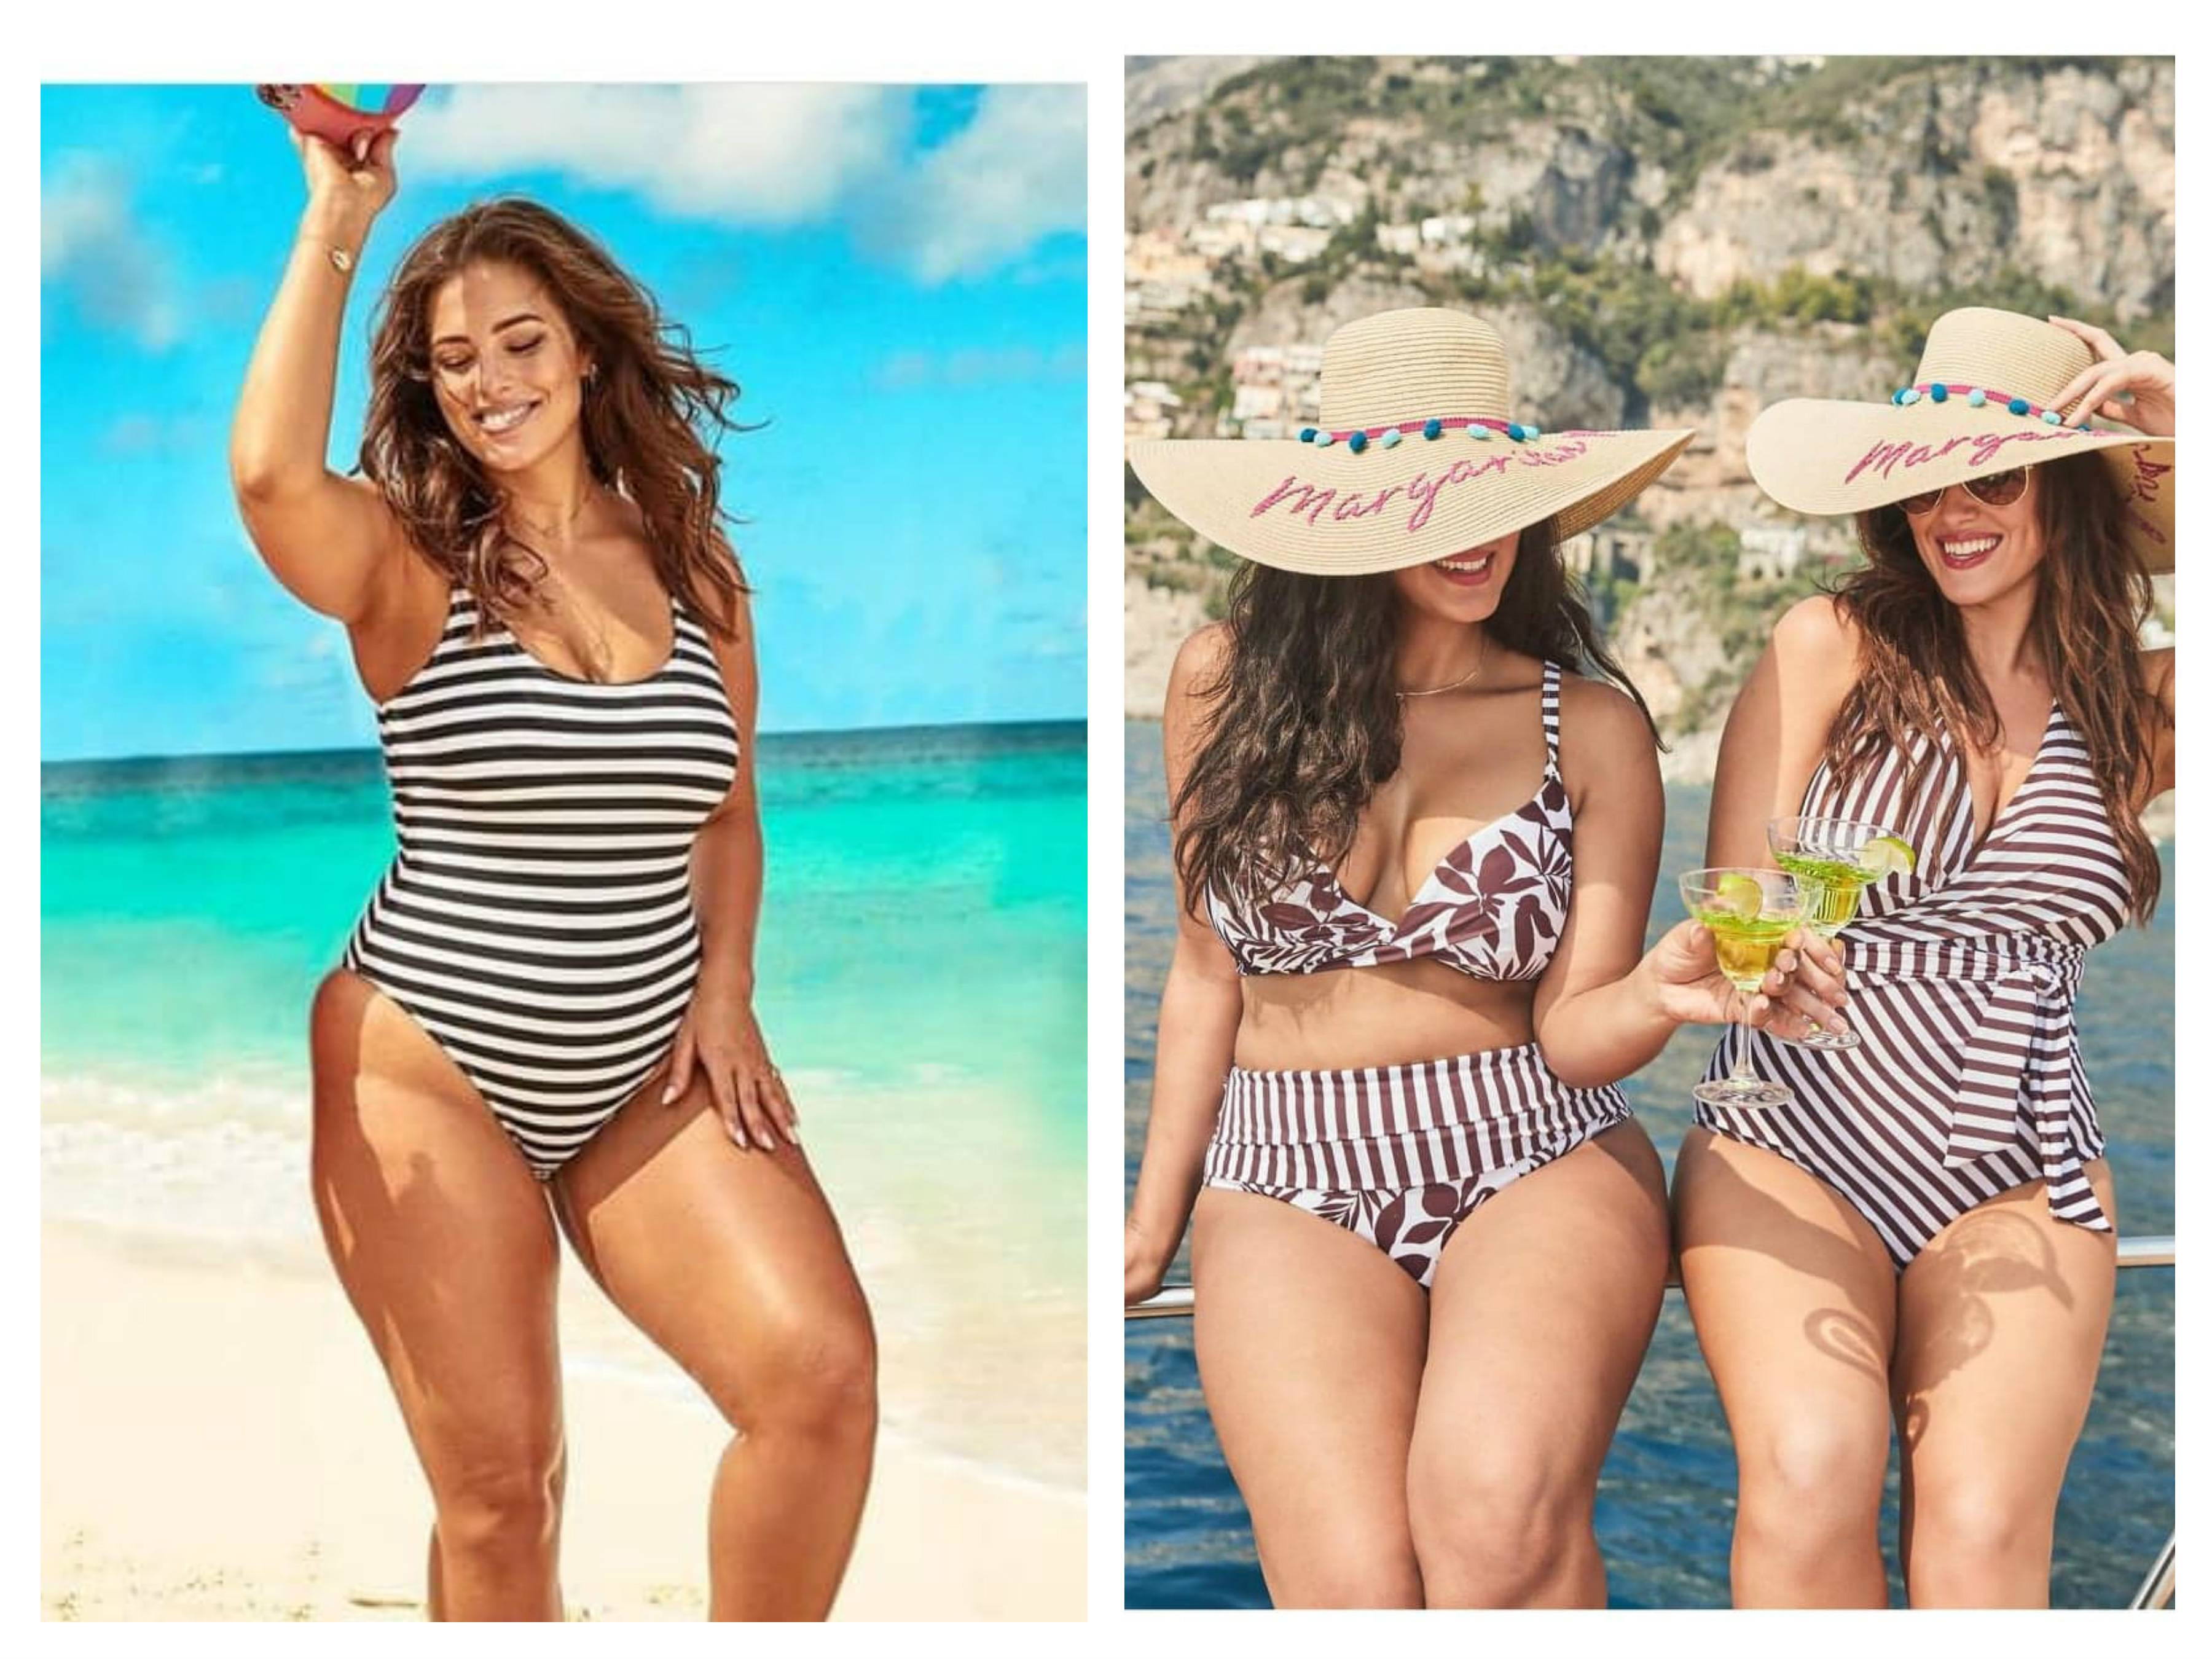 купальник по типу фигуры как выбрать купальник на большой размер модный цельный раздельный